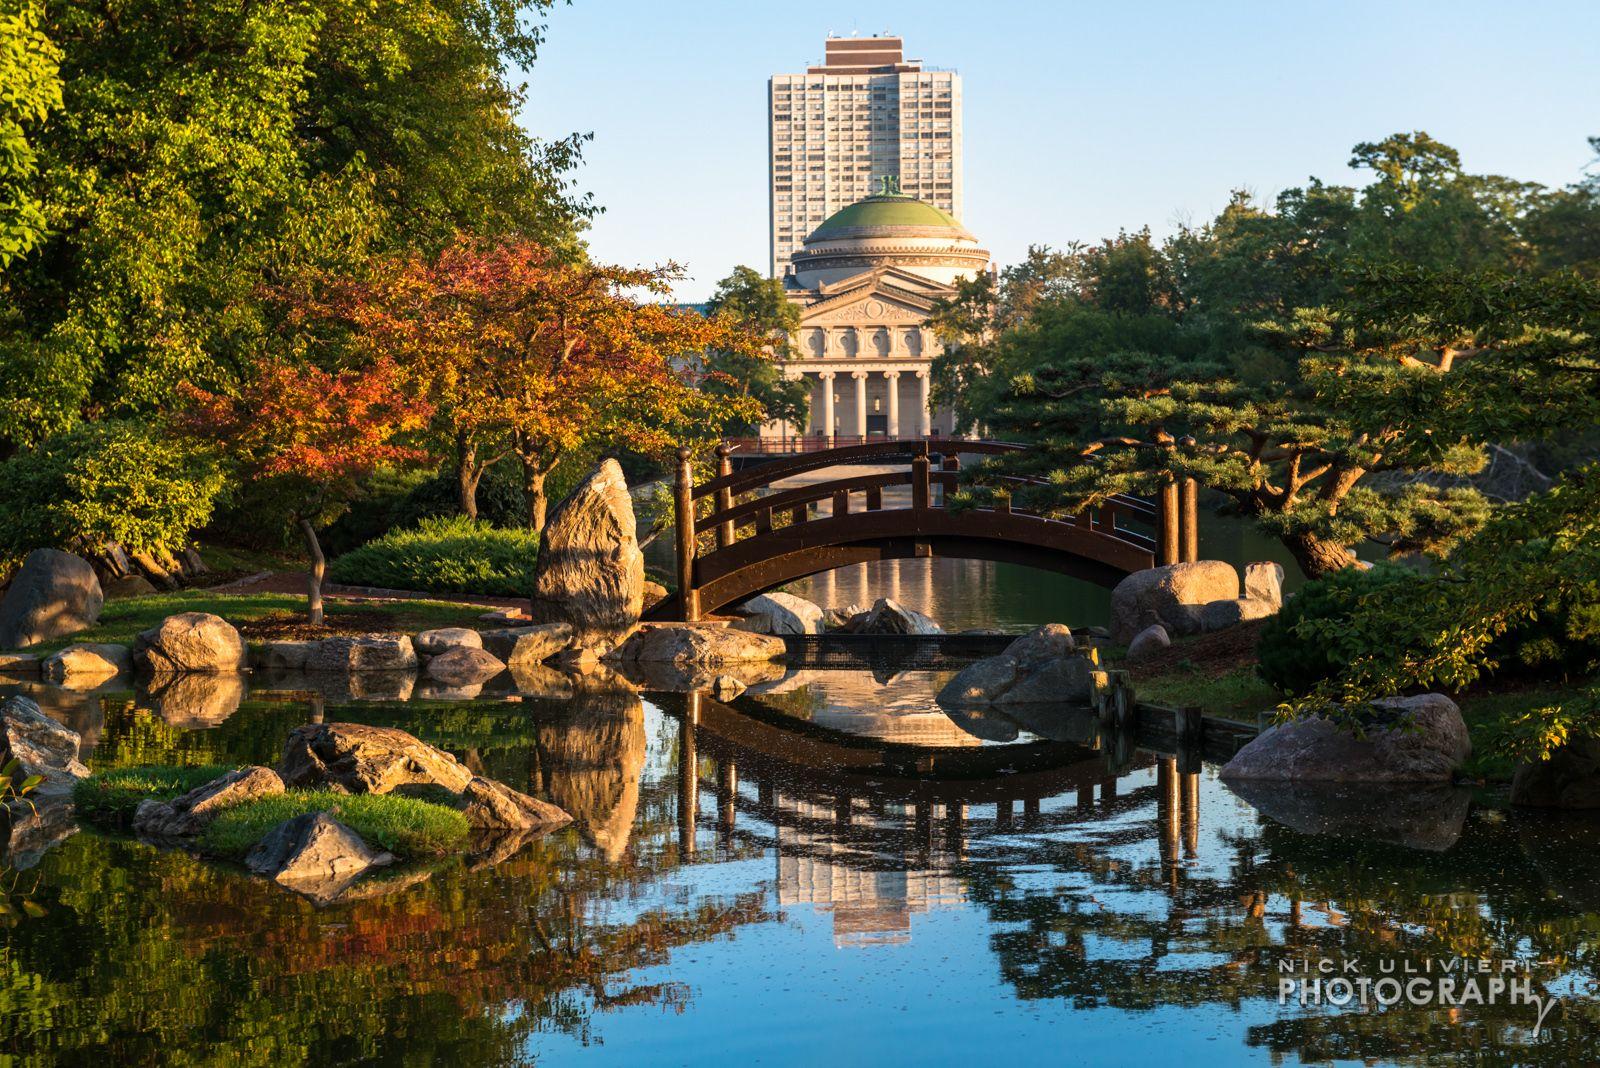 Osaka Garden   Places to go: Chicago Edition   Pinterest   Osaka and ...